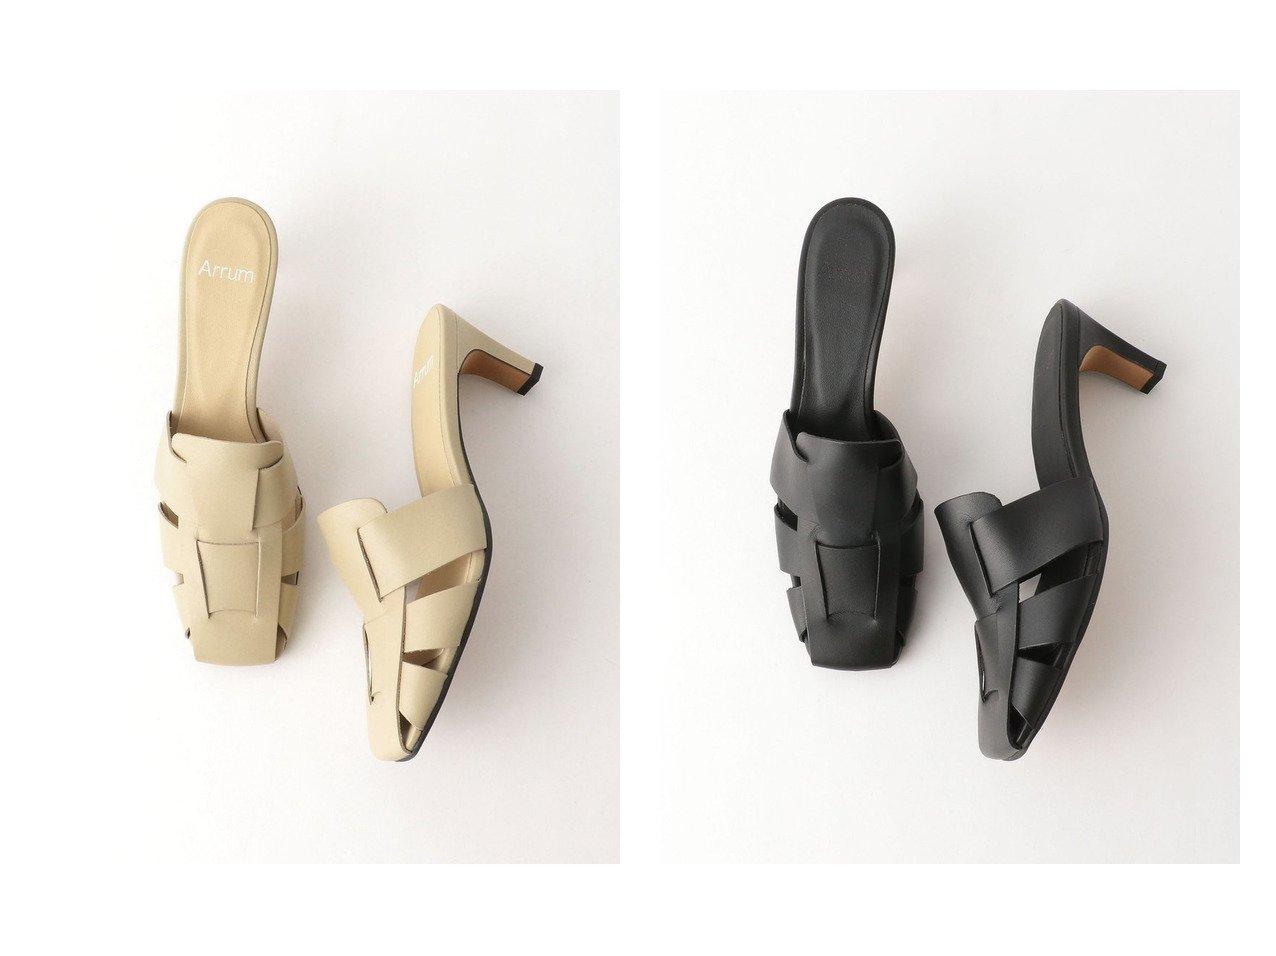 【BEAUTY&YOUTH / UNITED ARROWS/ビューティ&ユース ユナイテッドアローズ】のArrum レザーミュール 【シューズ・靴】おすすめ!人気、トレンド・レディースファッションの通販 おすすめで人気の流行・トレンド、ファッションの通販商品 メンズファッション・キッズファッション・インテリア・家具・レディースファッション・服の通販 founy(ファニー) https://founy.com/ ファッション Fashion レディースファッション WOMEN NEW・新作・新着・新入荷 New Arrivals おすすめ Recommend サンダル シューズ ソックス トレンド ミュール メッシュ リアル  ID:crp329100000028148